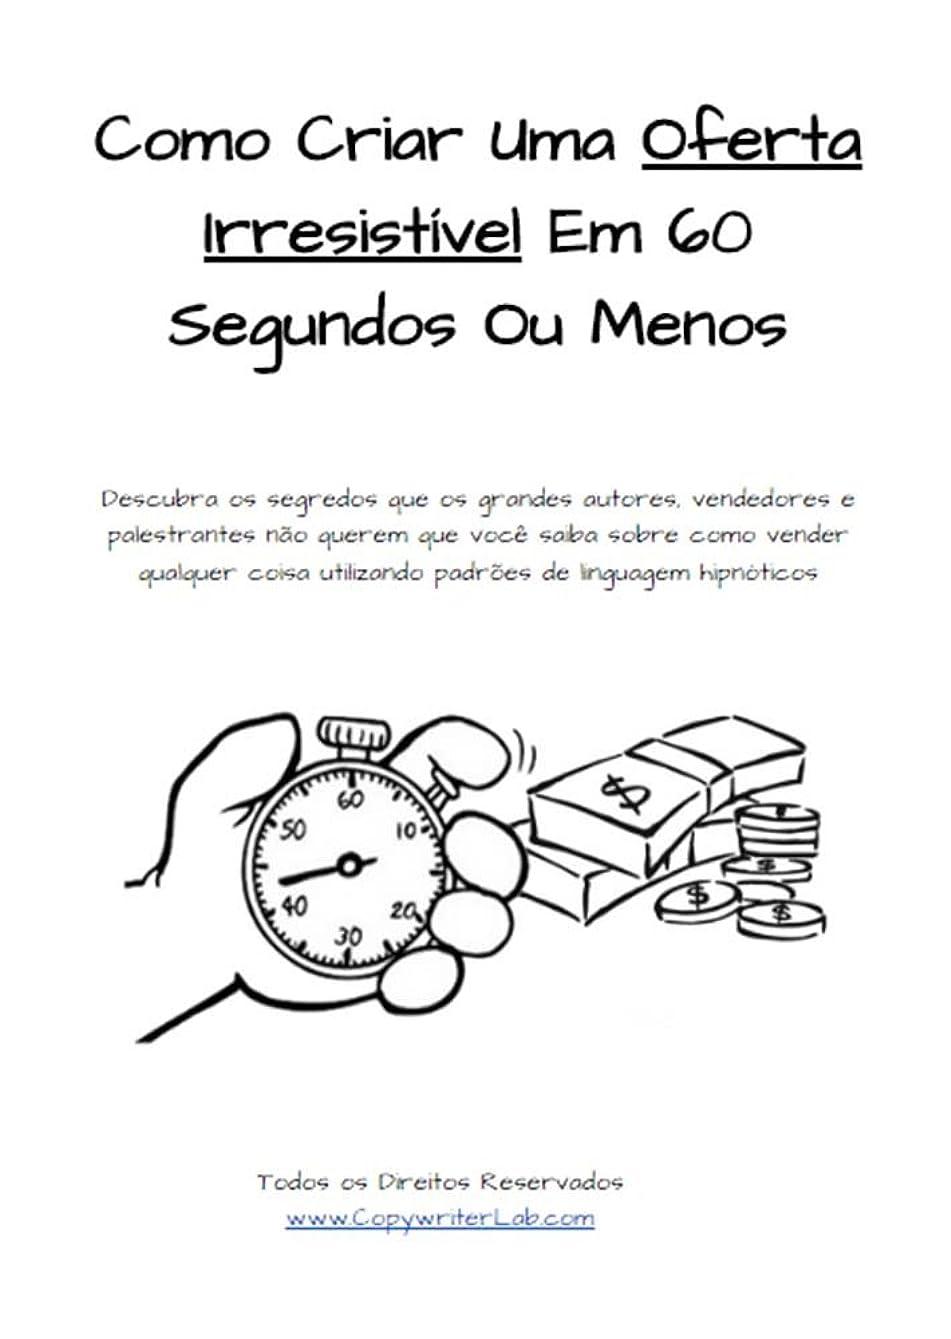 醜い電話に出る粉砕するComo Criar Uma Oferta Irresistível Em 60 Segundos Ou Menos: Gatilhos Mentais Altamente Persuasivos (Portuguese Edition)